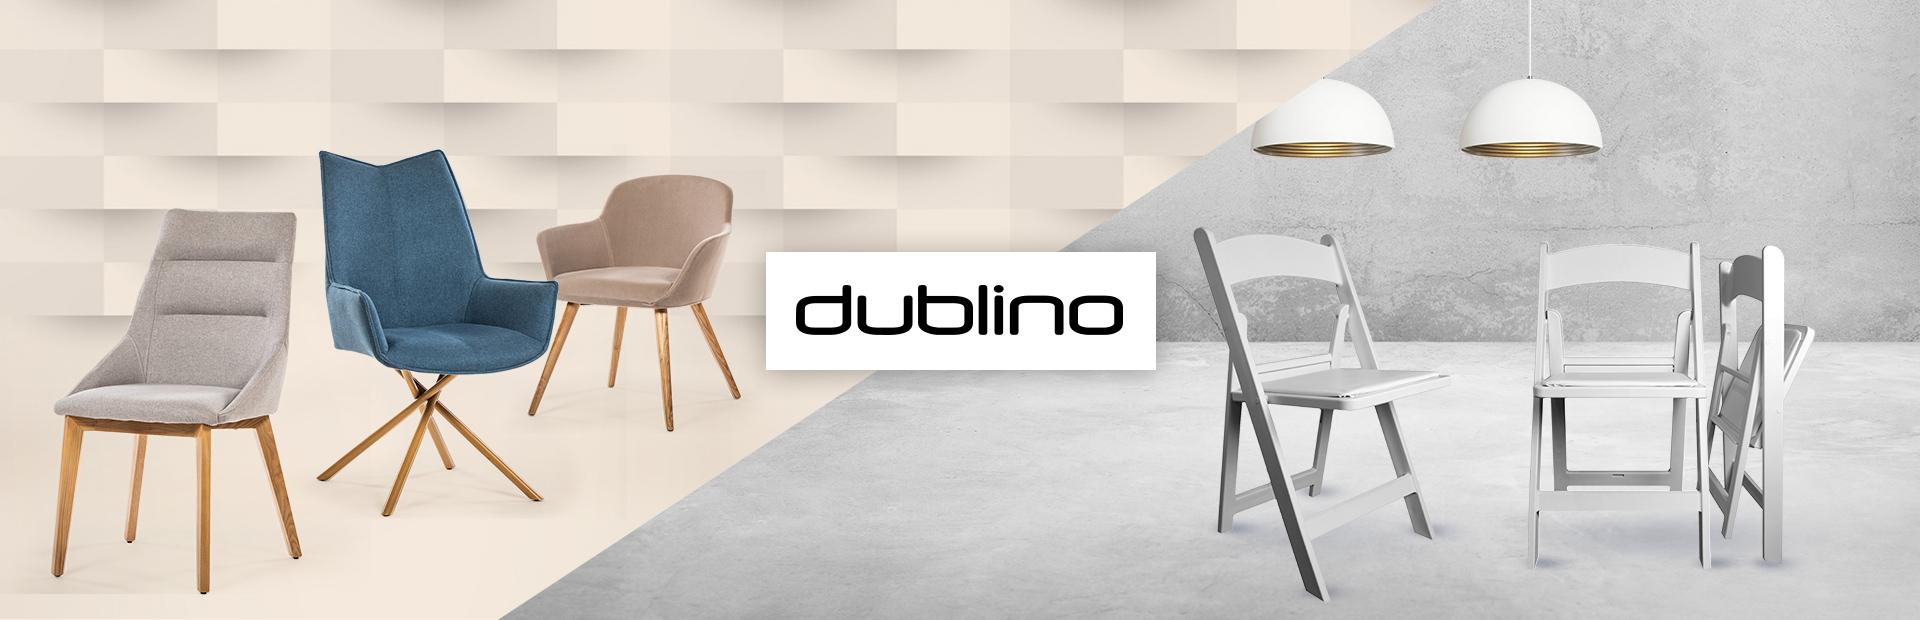 Dublino marketing stratégia készítés - Doppio Creative esettanulmány